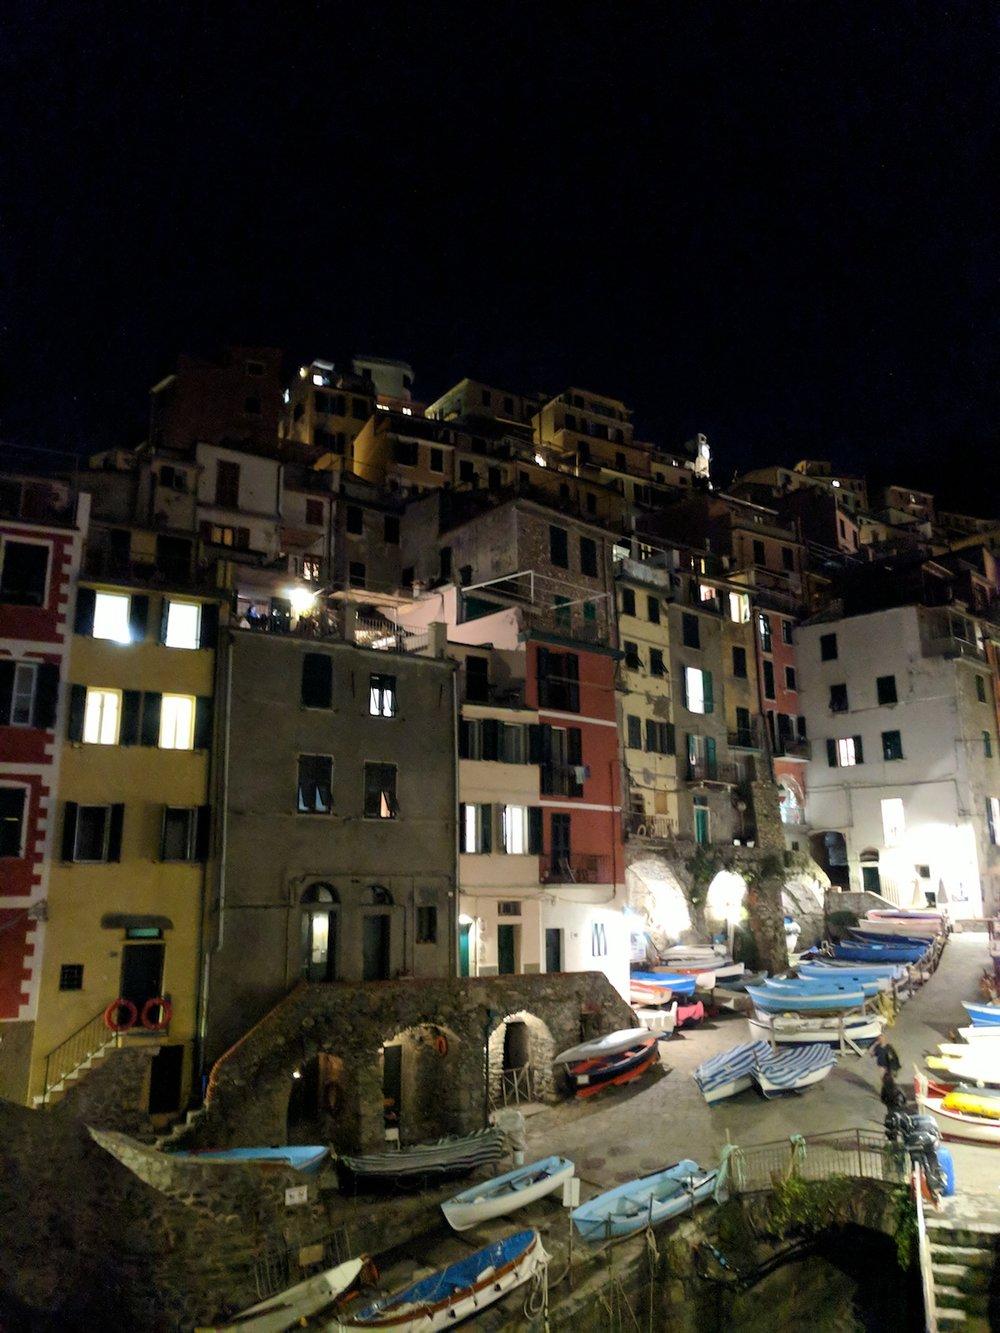 A night in Riomaggiore (Cinque Terre)